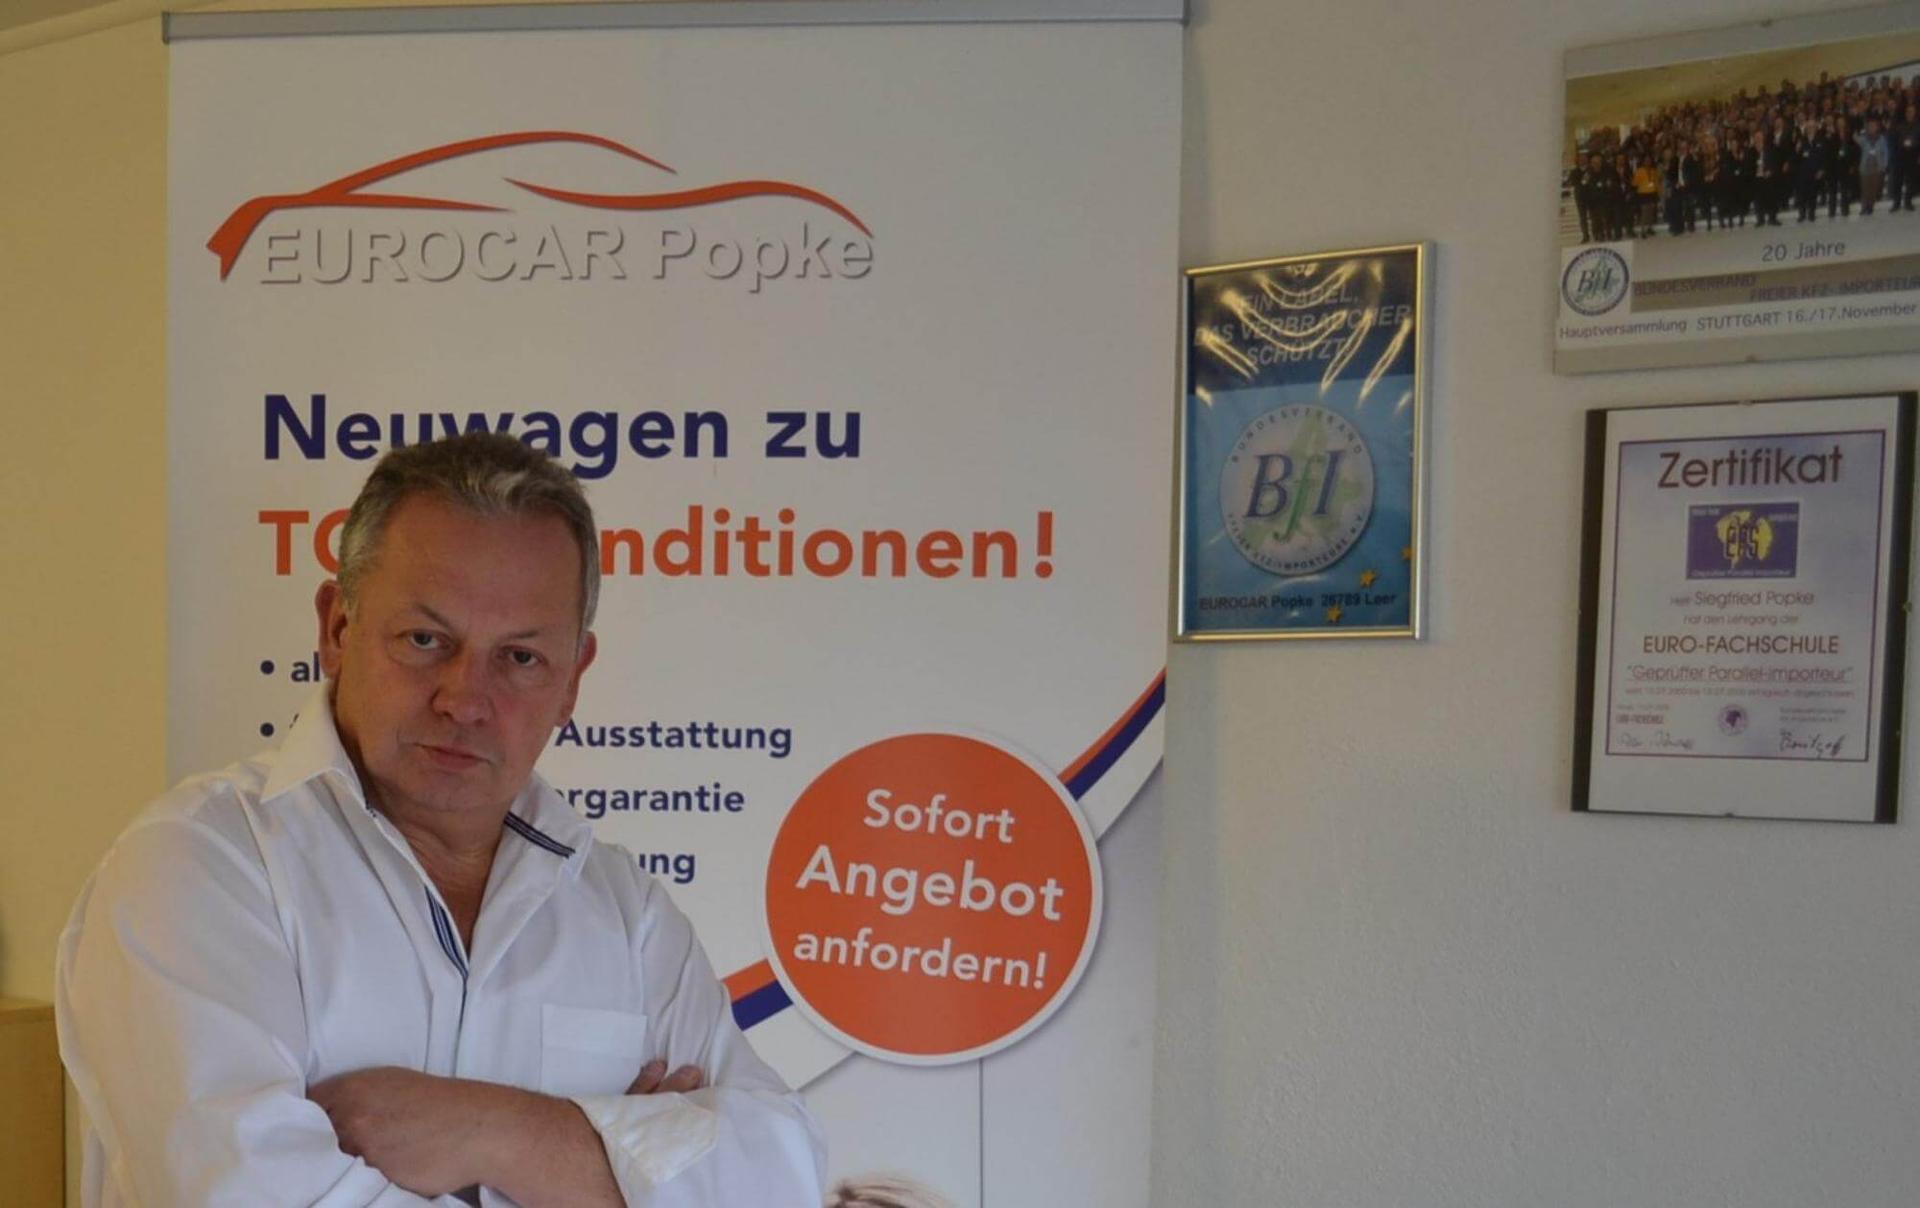 EU Neuwagen Spezialist EUROCAR Popke als Mitglied im Bundesverband freier Kfz-Importeure e.V. und als geprüfter Parallel-Importeur garantiert Ihnen eine faire und korrekte Kaufabwicklung.